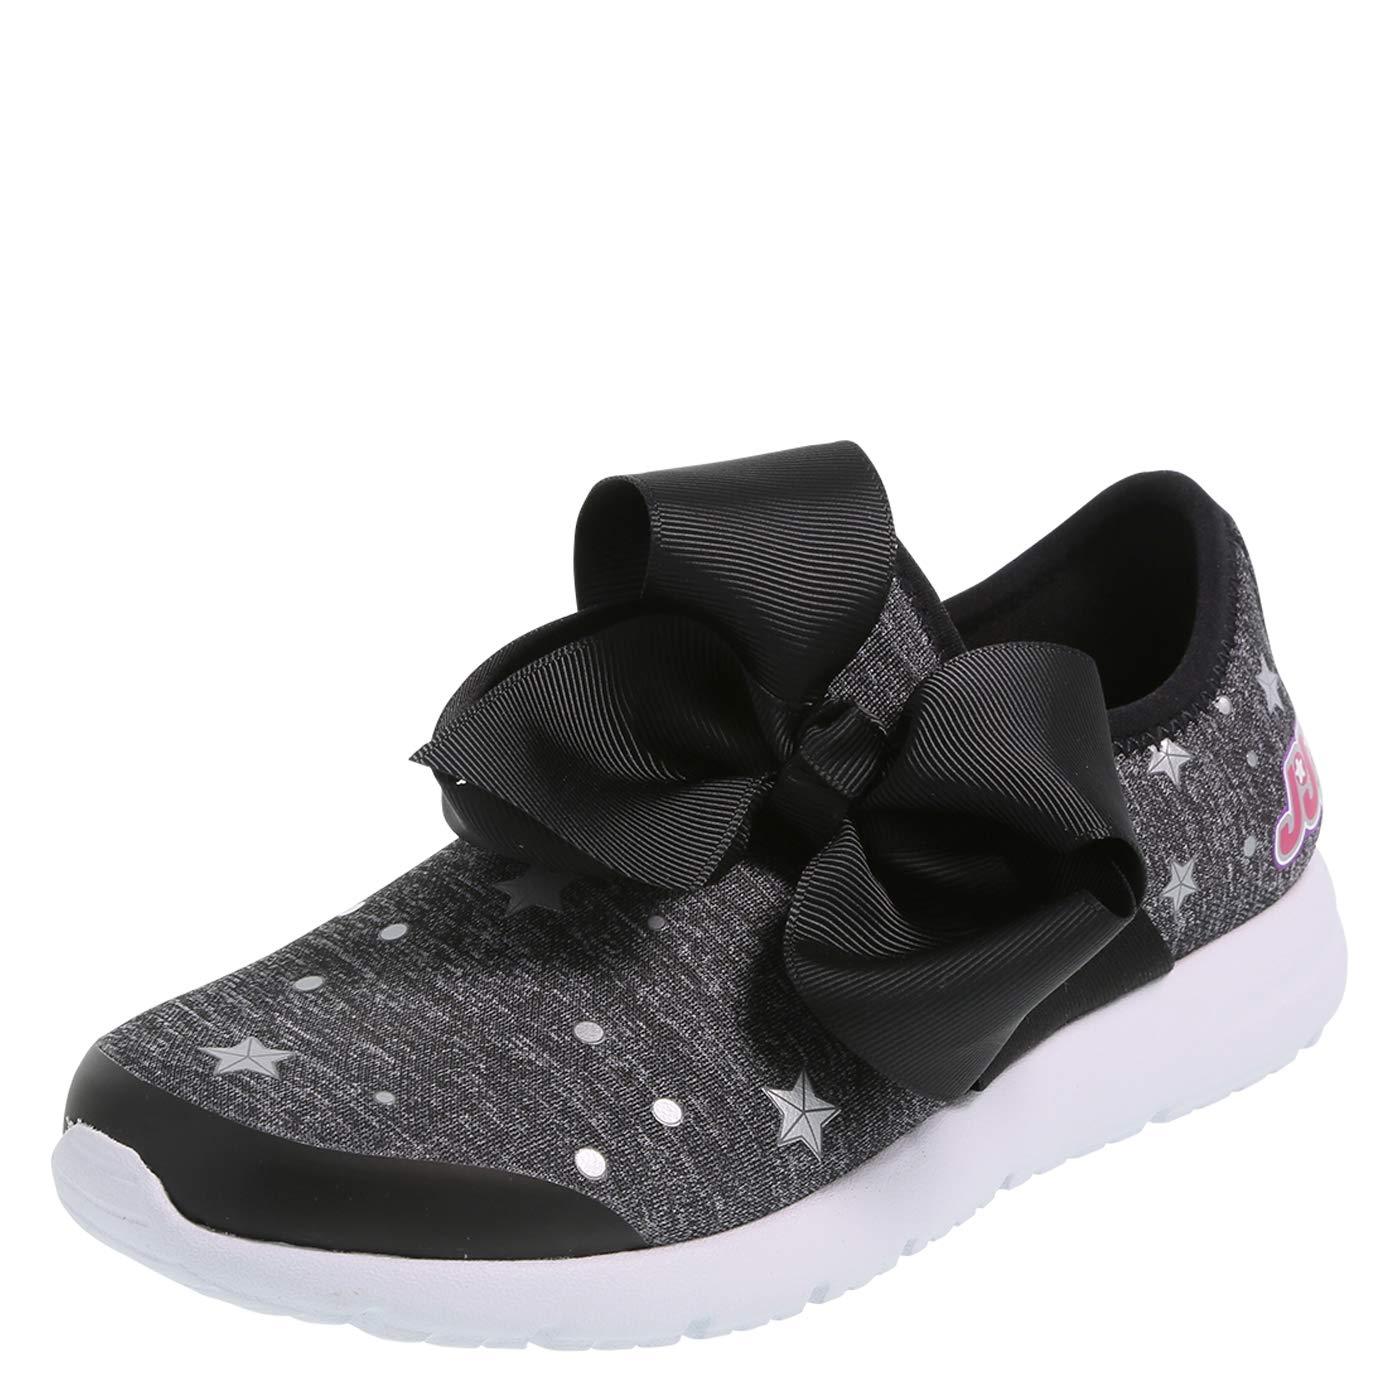 Nickelodeon Shoes JoJo Siwa Girls' JoJo Slip-On Runner 079792-Parent